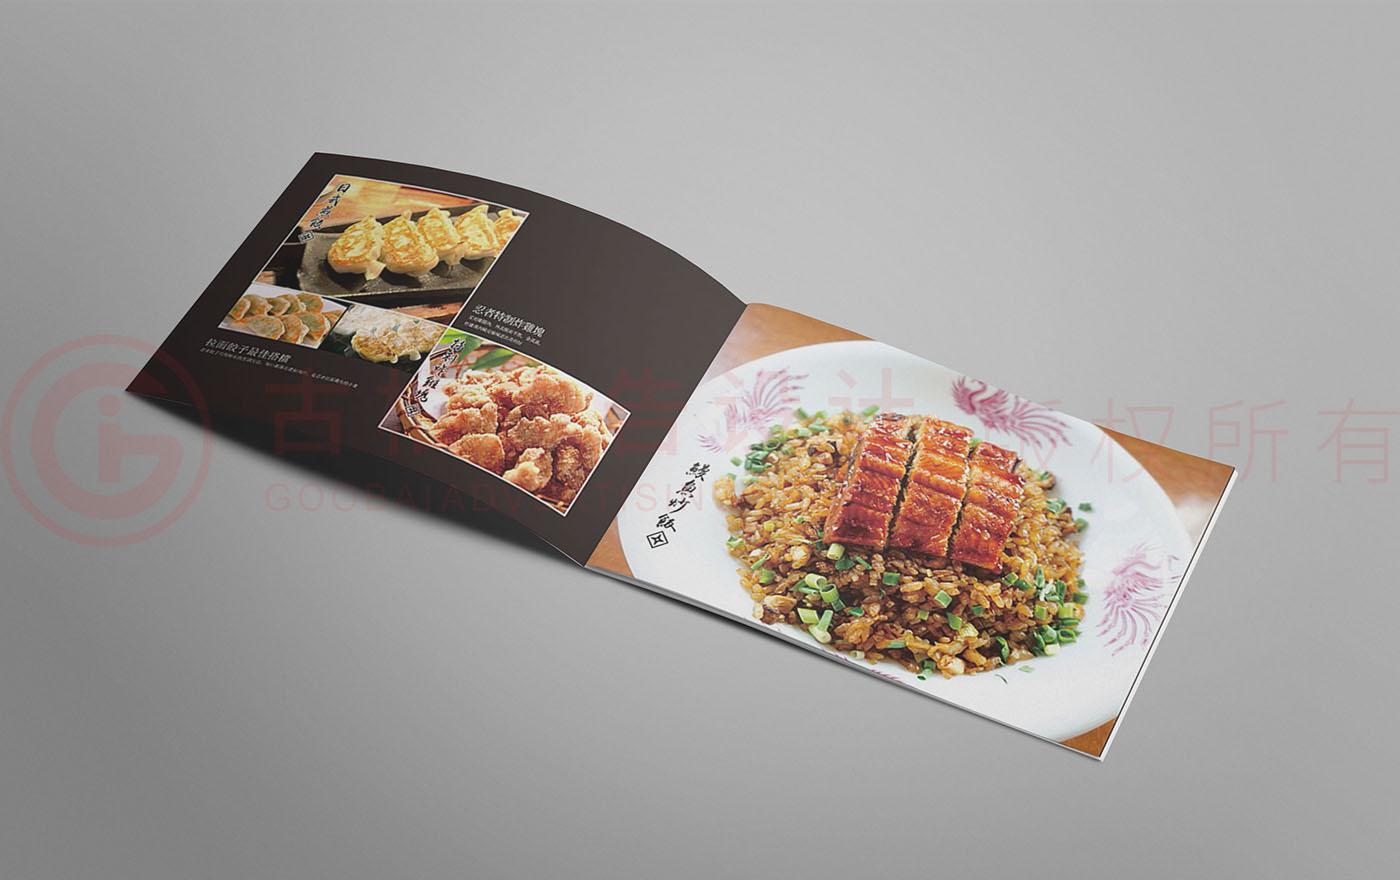 日式忍者拉面画册设计,餐饮画册设计,拉面画册设计公司